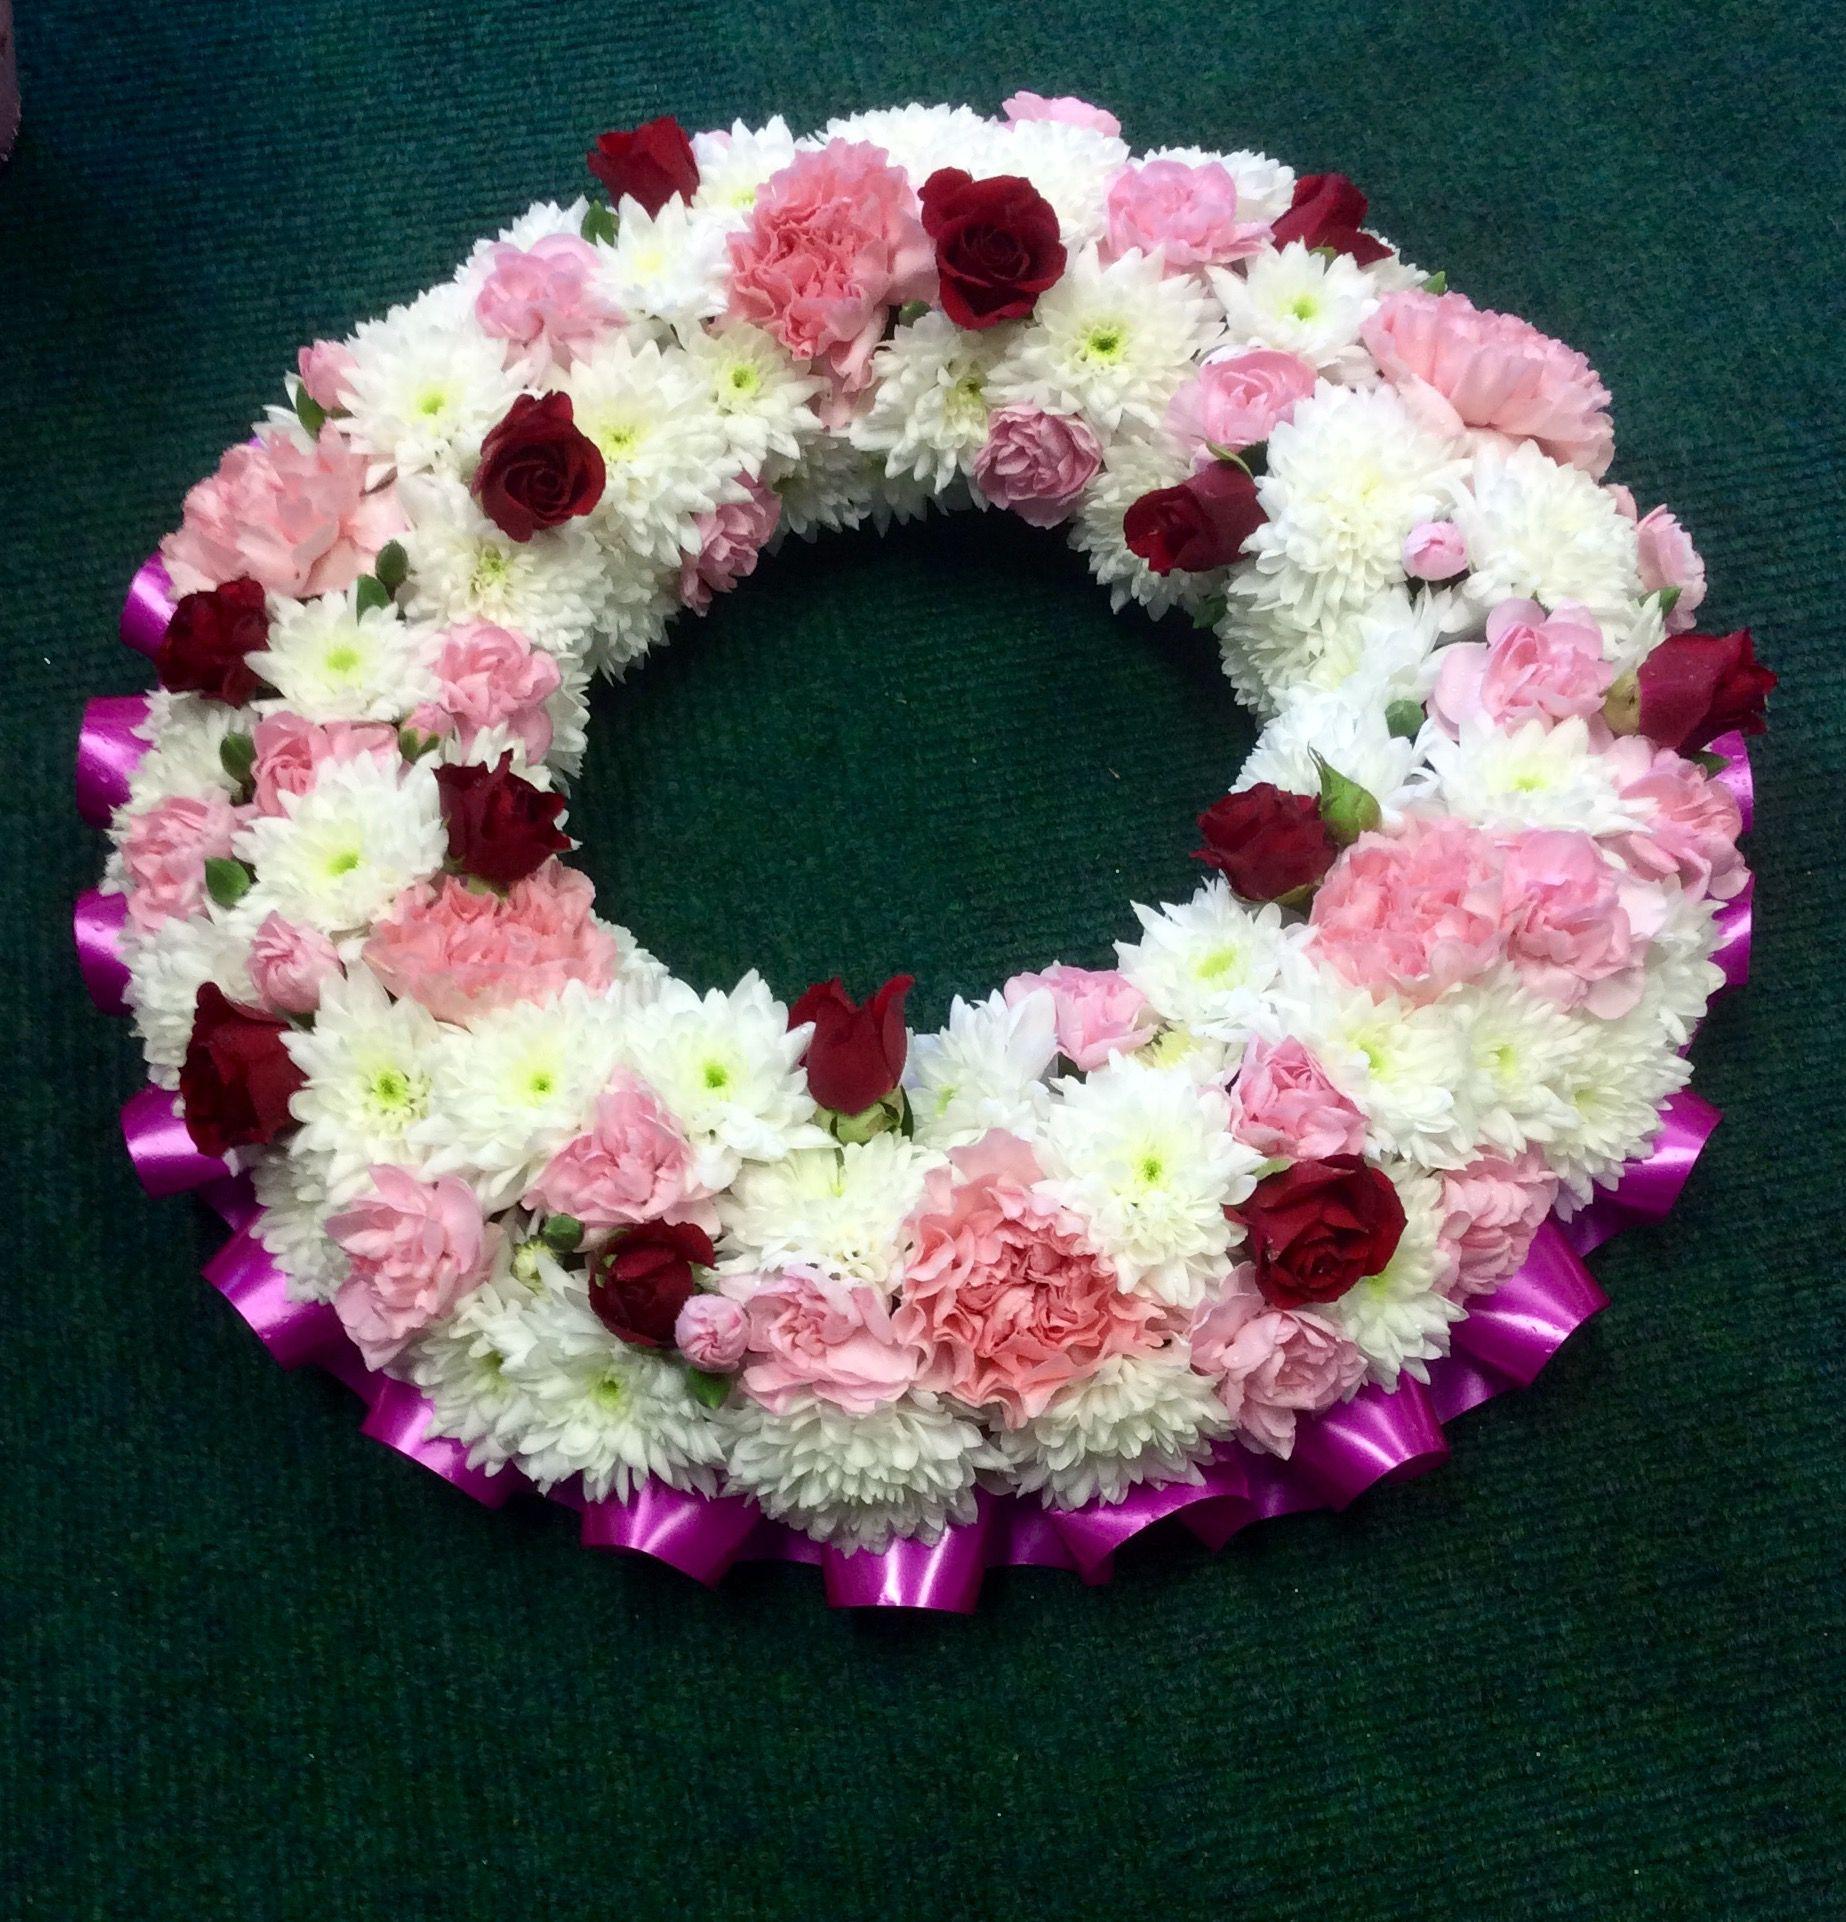 Fresh Funeral Tributes By Jaks Flowering Fancies Funeral